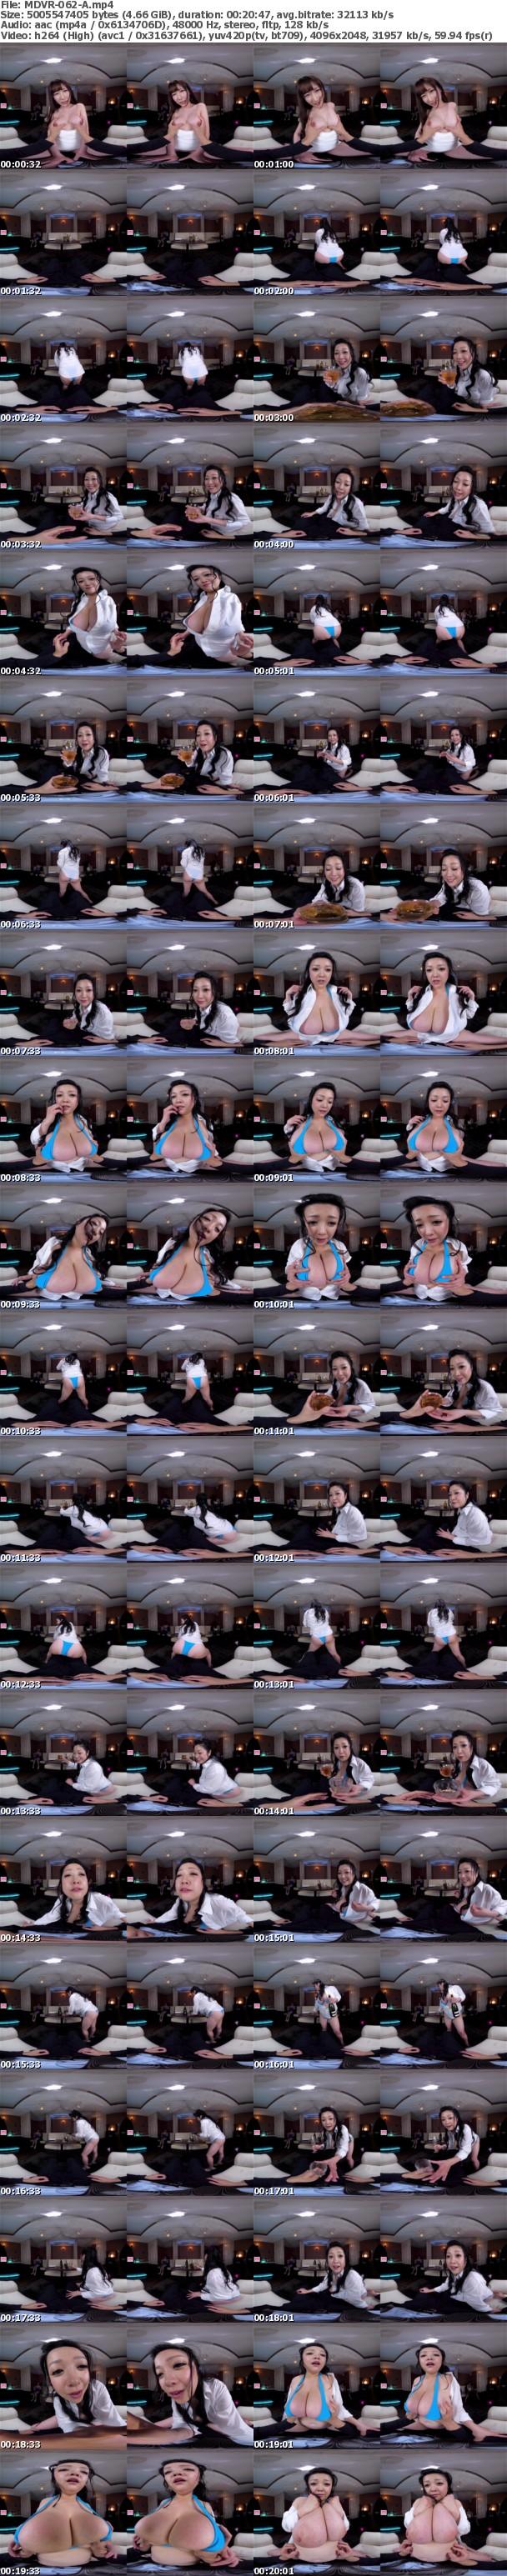 (VR) MDVR-062 MOODYZ HQスライム おっパブ史上最大級の乳迫力VR!! 接客トークとおっぱいボリュームが規格外!もちろん店に内緒でこっそり乳揺れ本番OKな芸能人・小向美奈子 永久指名!!